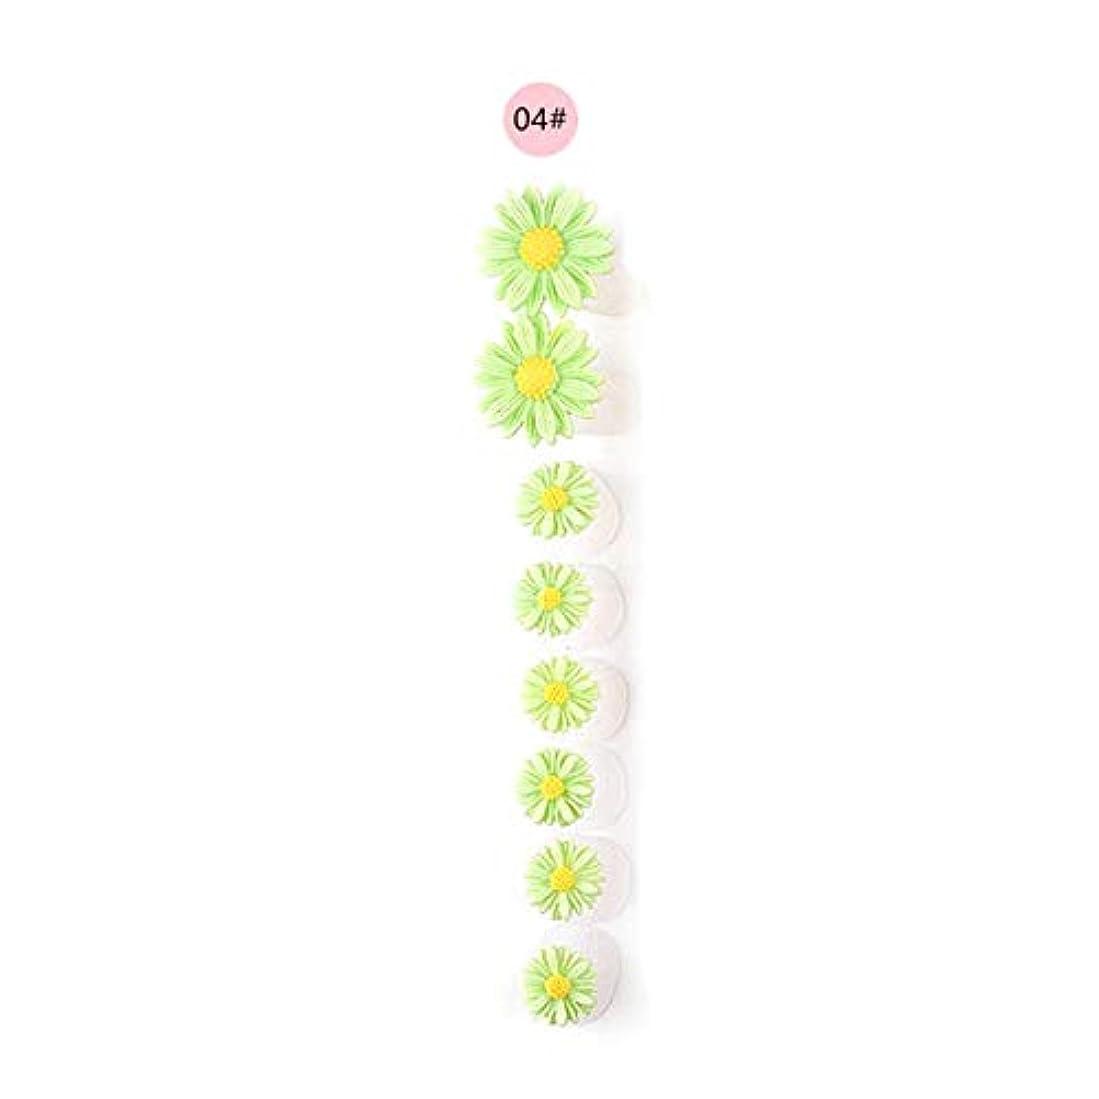 エジプト友だち伝染性の8ピース/セットシリコンつま先セパレーター足つま先スペーサー花形ペディキュアDIYネイルアートツール-カラフル04#